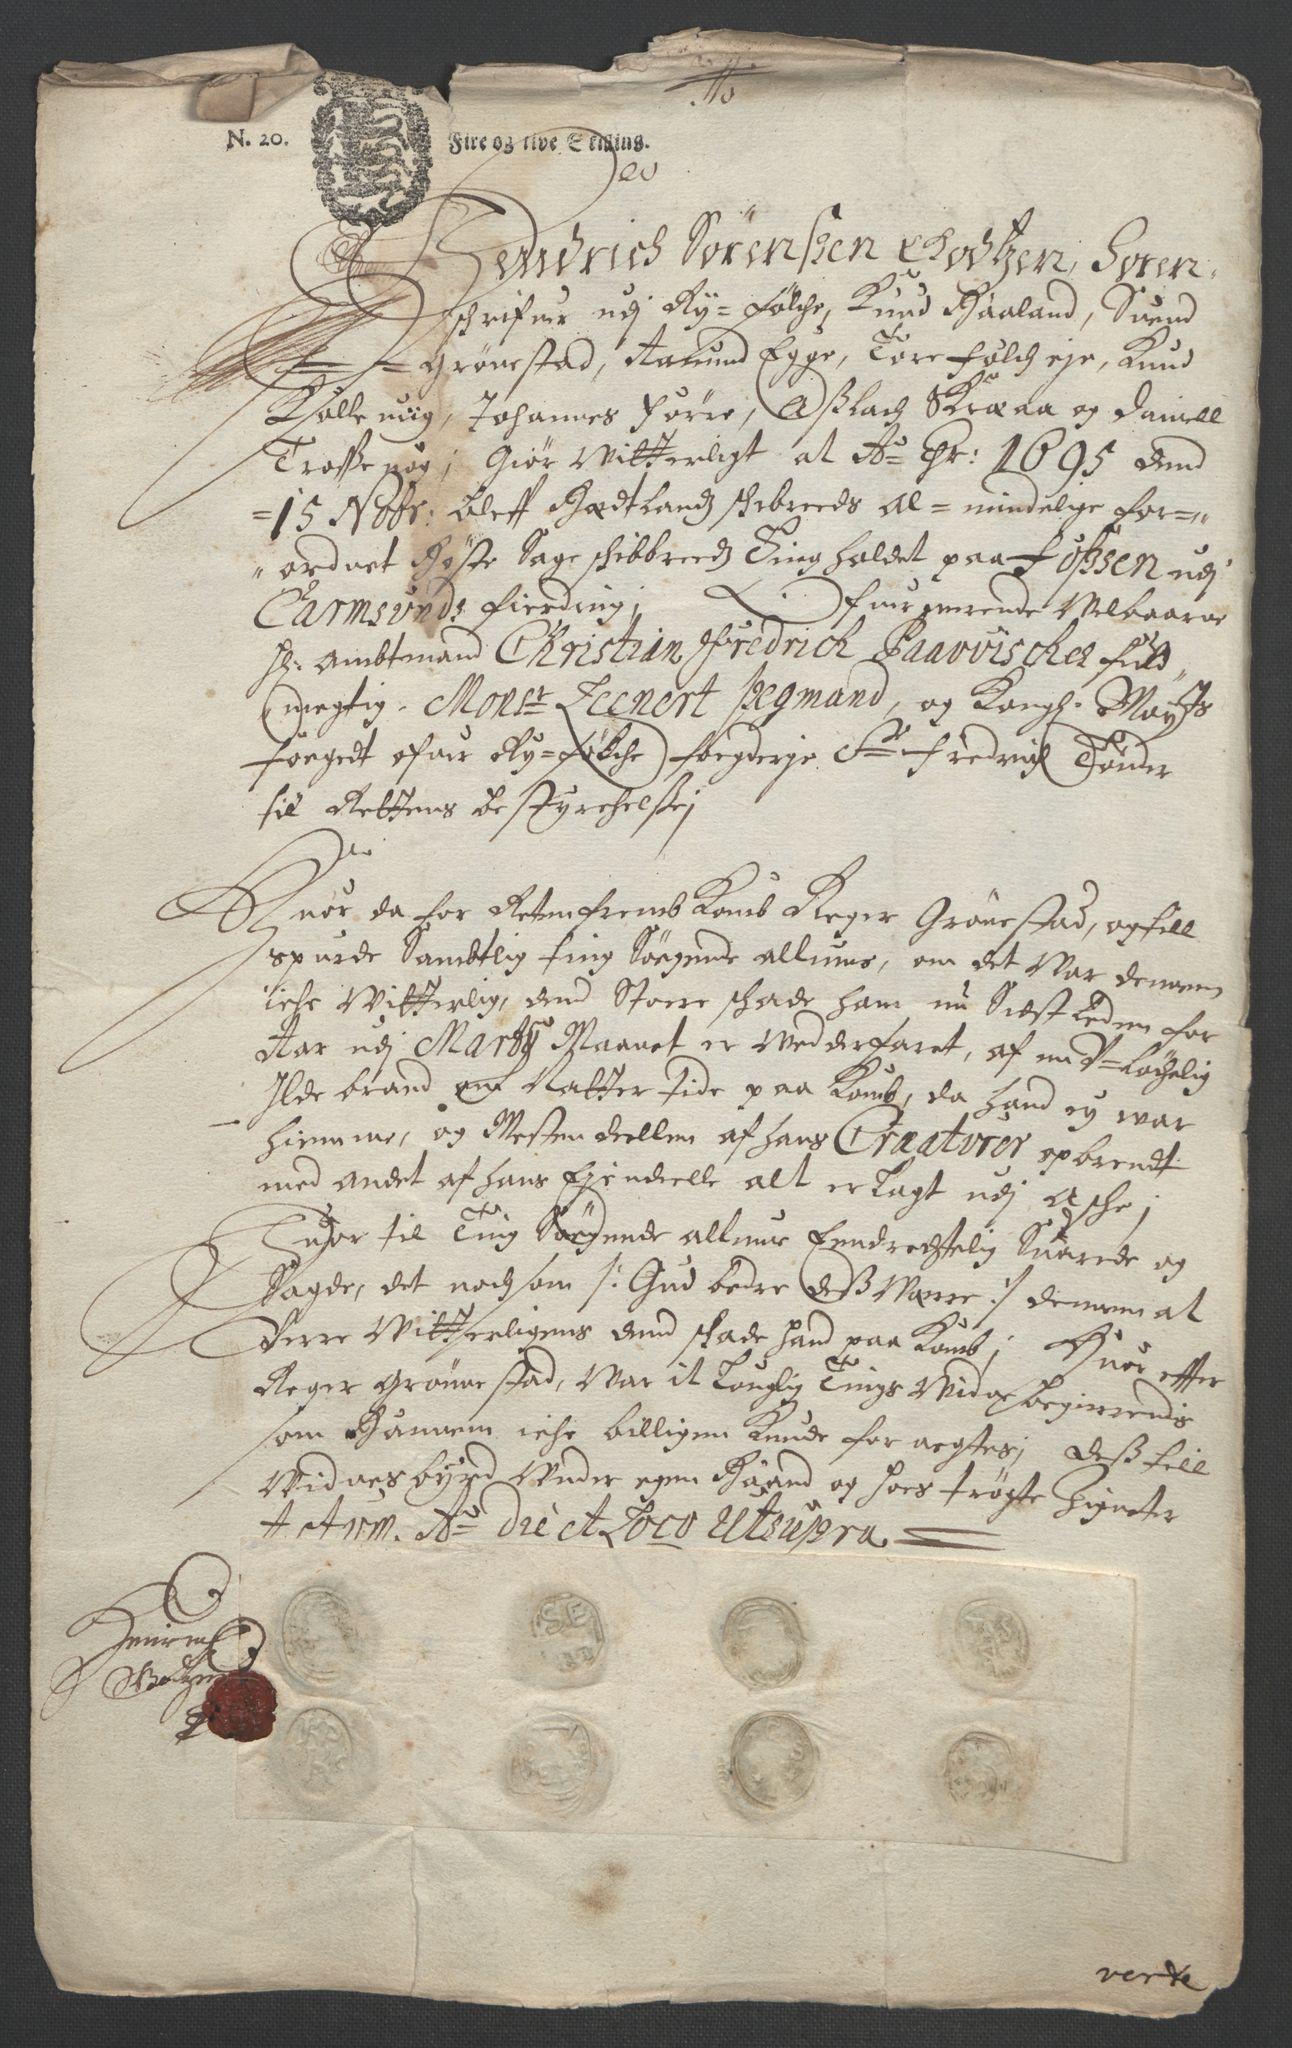 RA, Rentekammeret inntil 1814, Reviderte regnskaper, Fogderegnskap, R47/L2857: Fogderegnskap Ryfylke, 1694-1696, s. 197